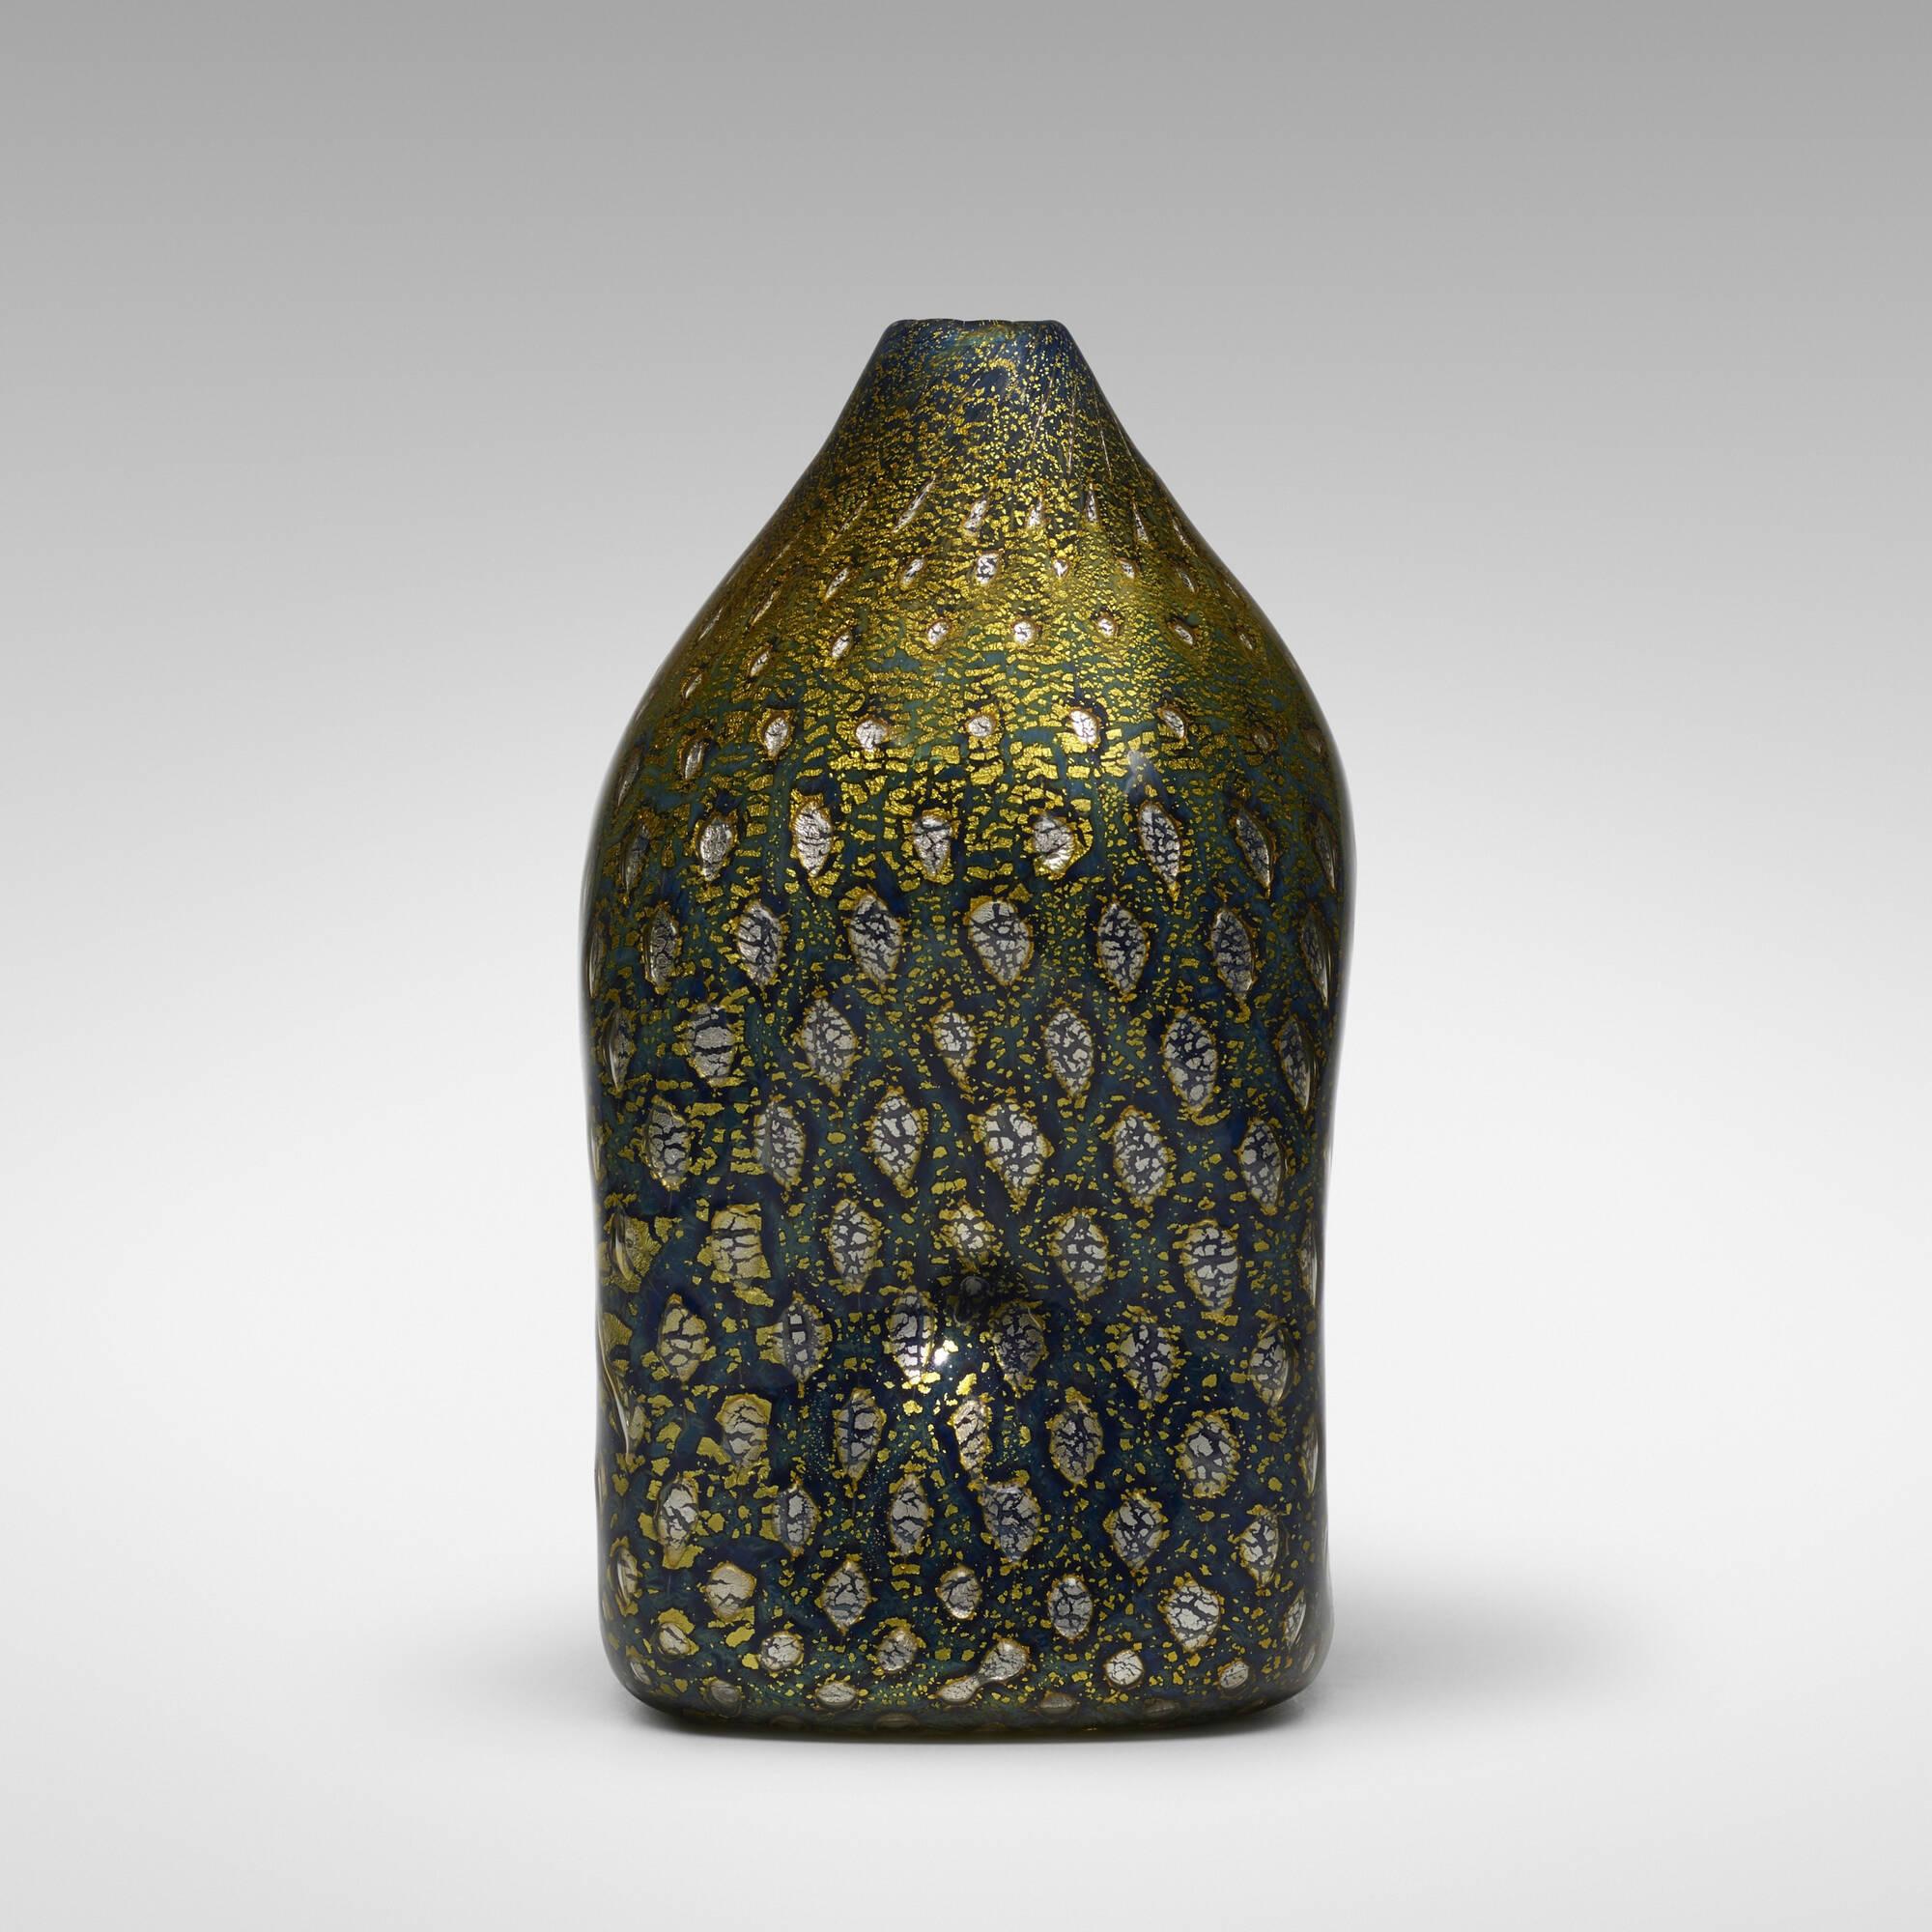 187: Giulio Radi / A Reazione Polichrome vase (2 of 3)